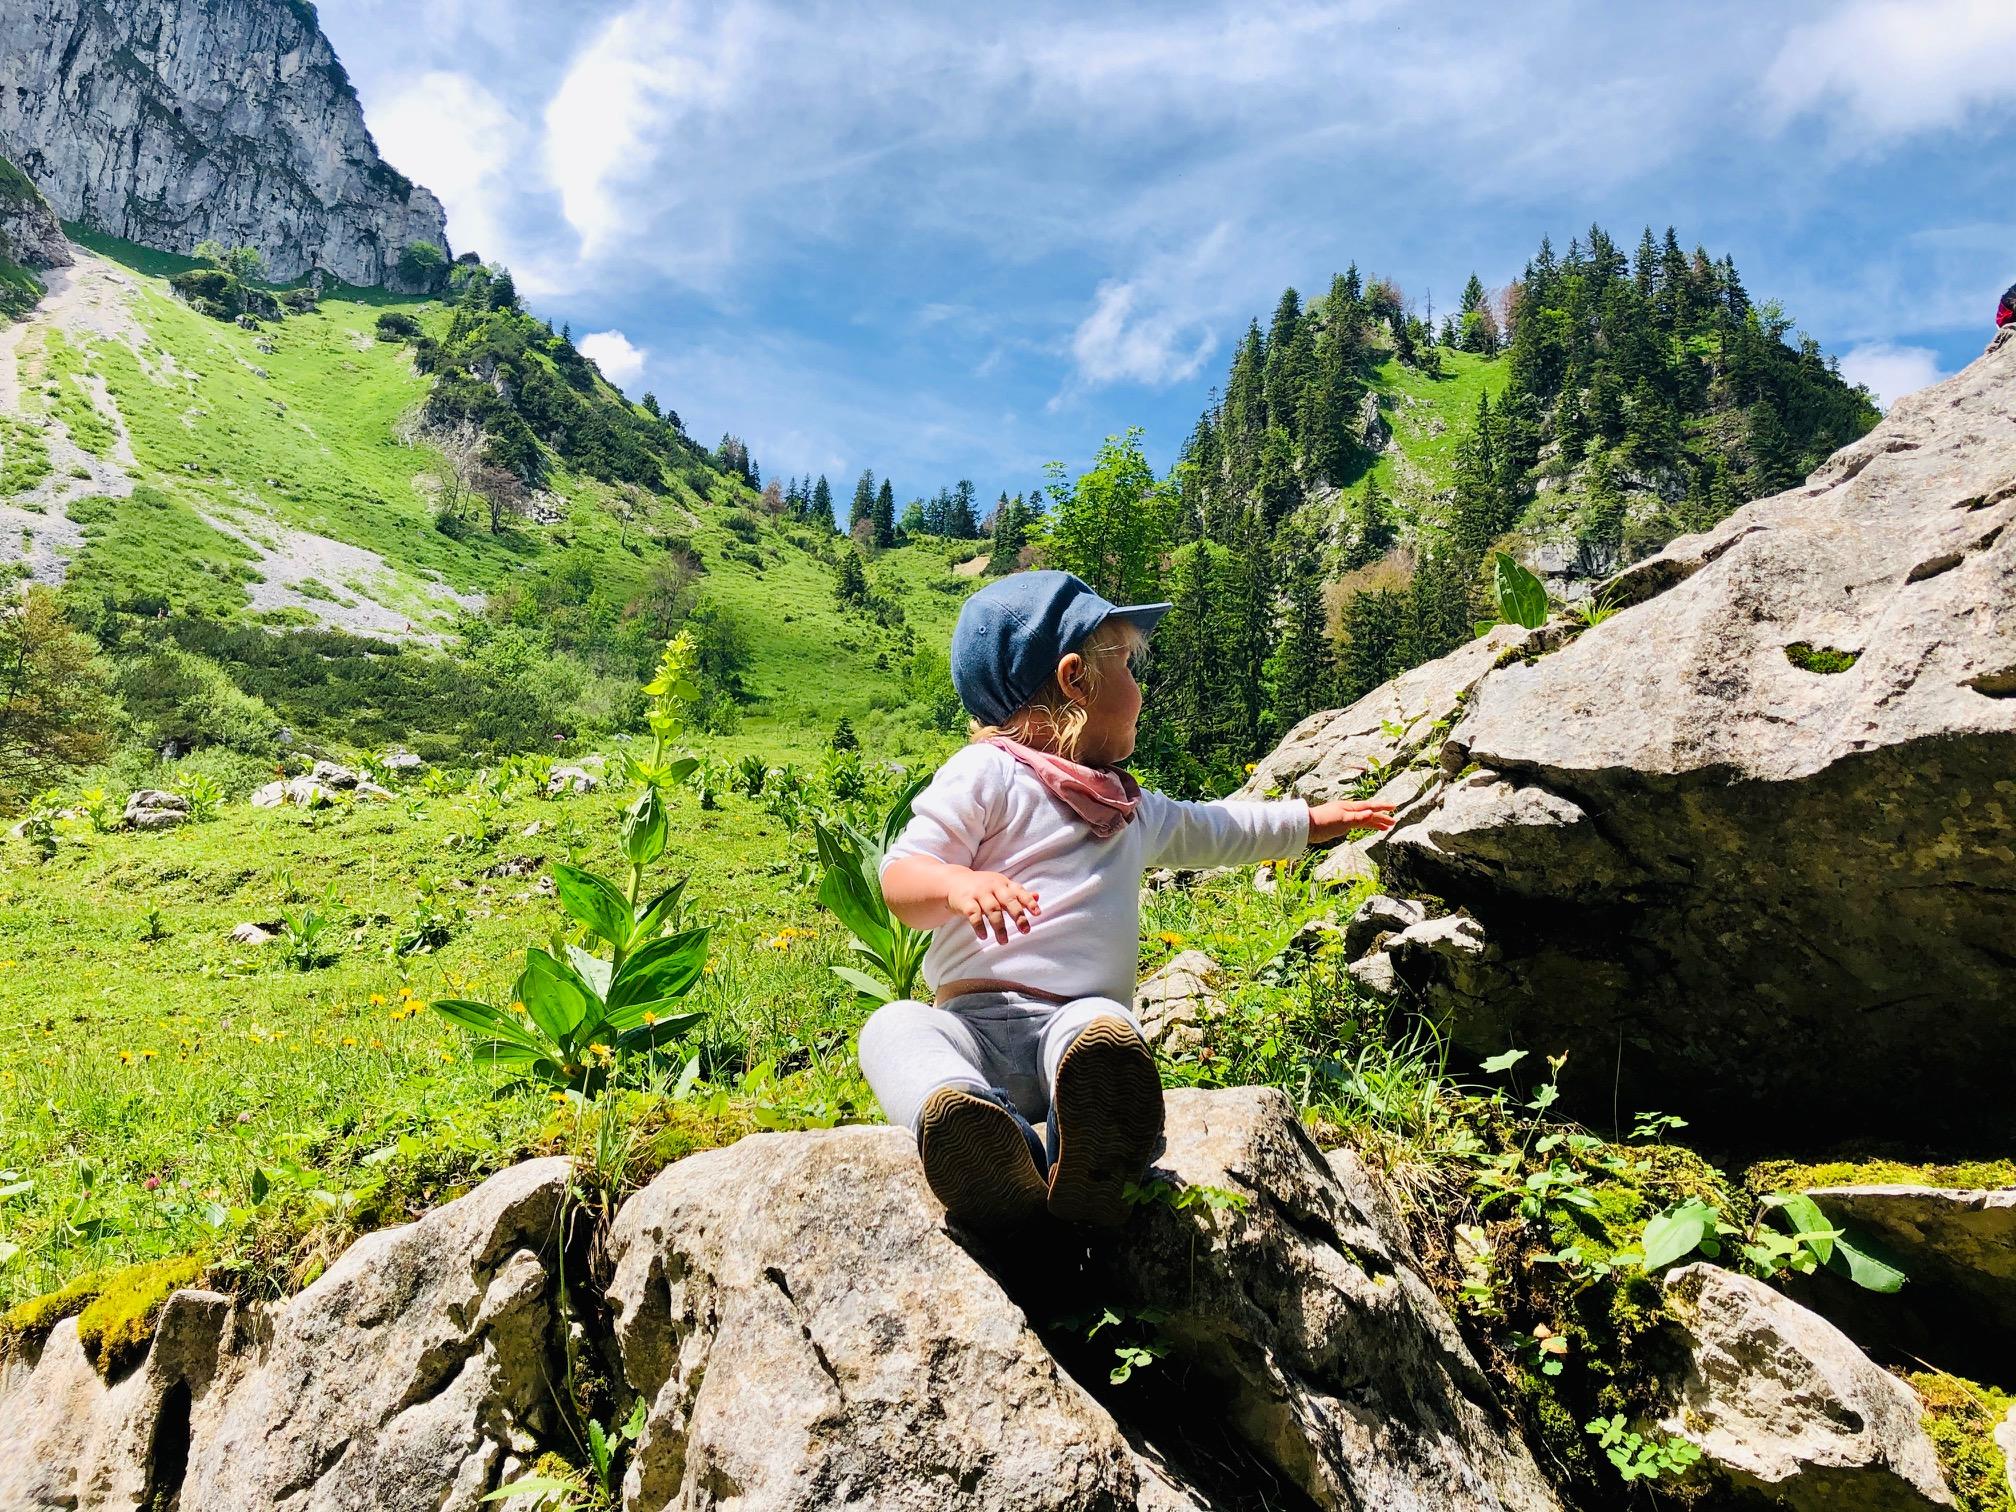 Wandern macht einfach riesen Spaß!